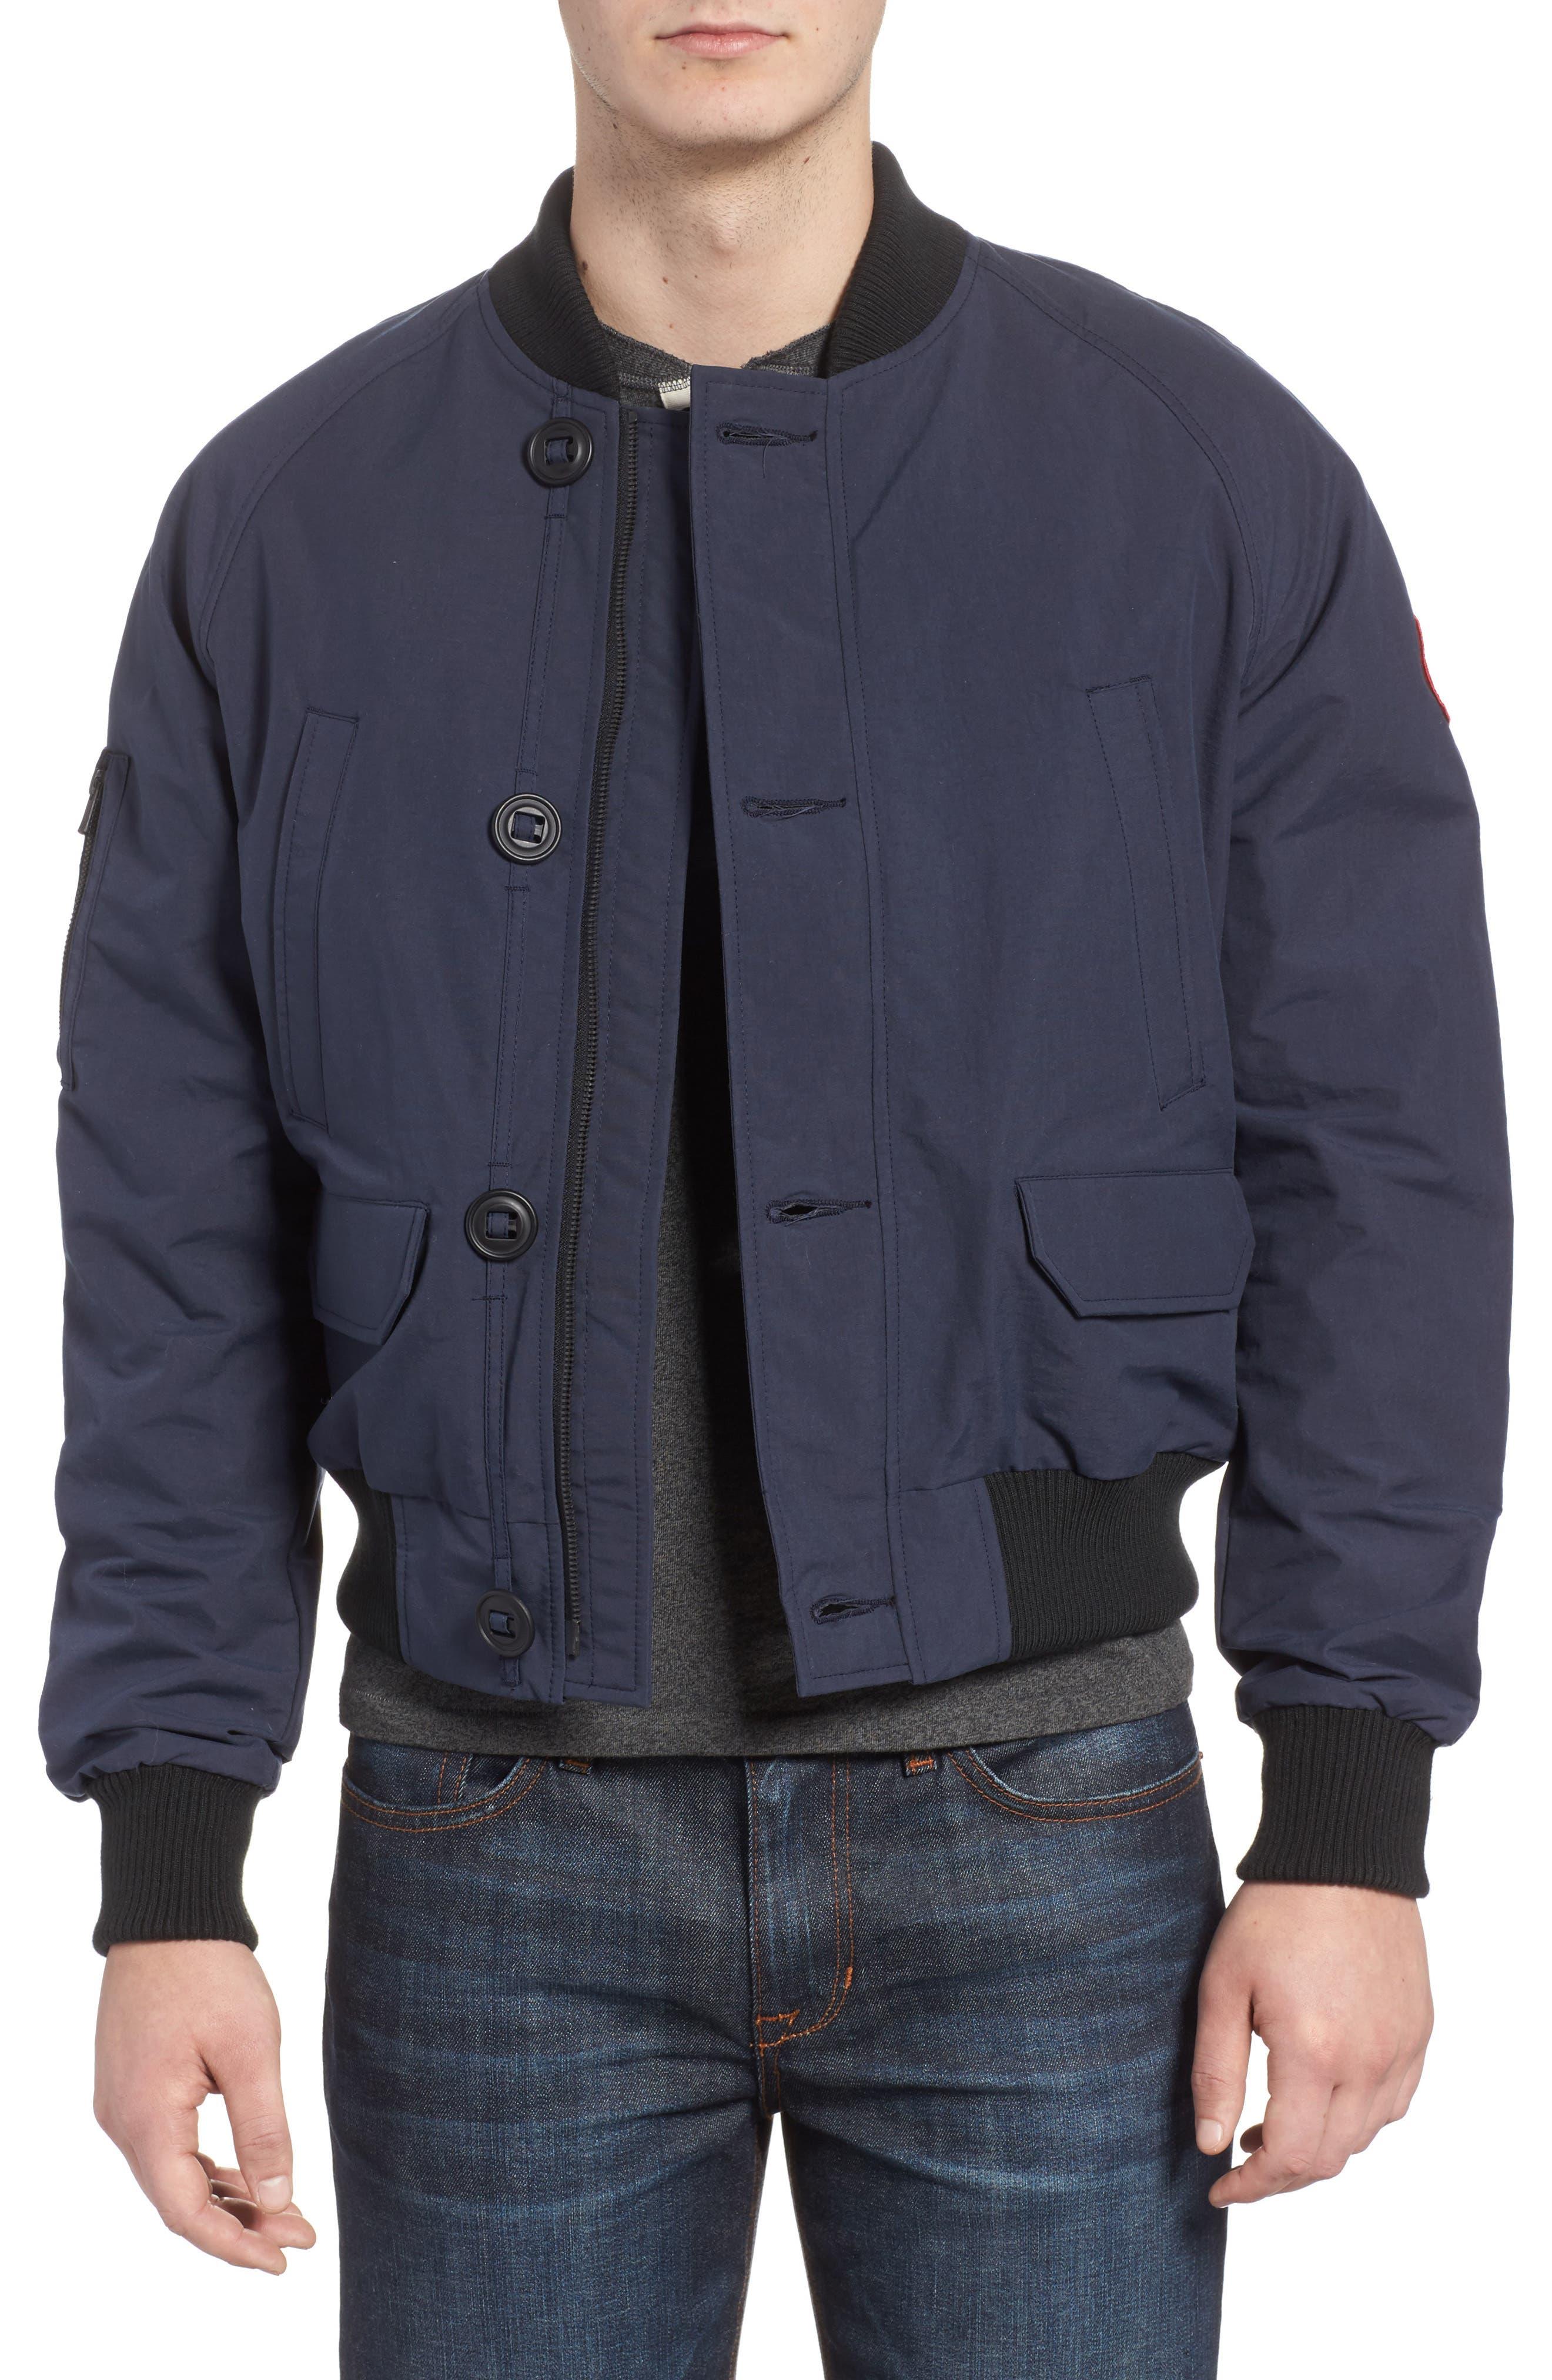 Faber Slim Fit Bomber Jacket,                         Main,                         color, 400